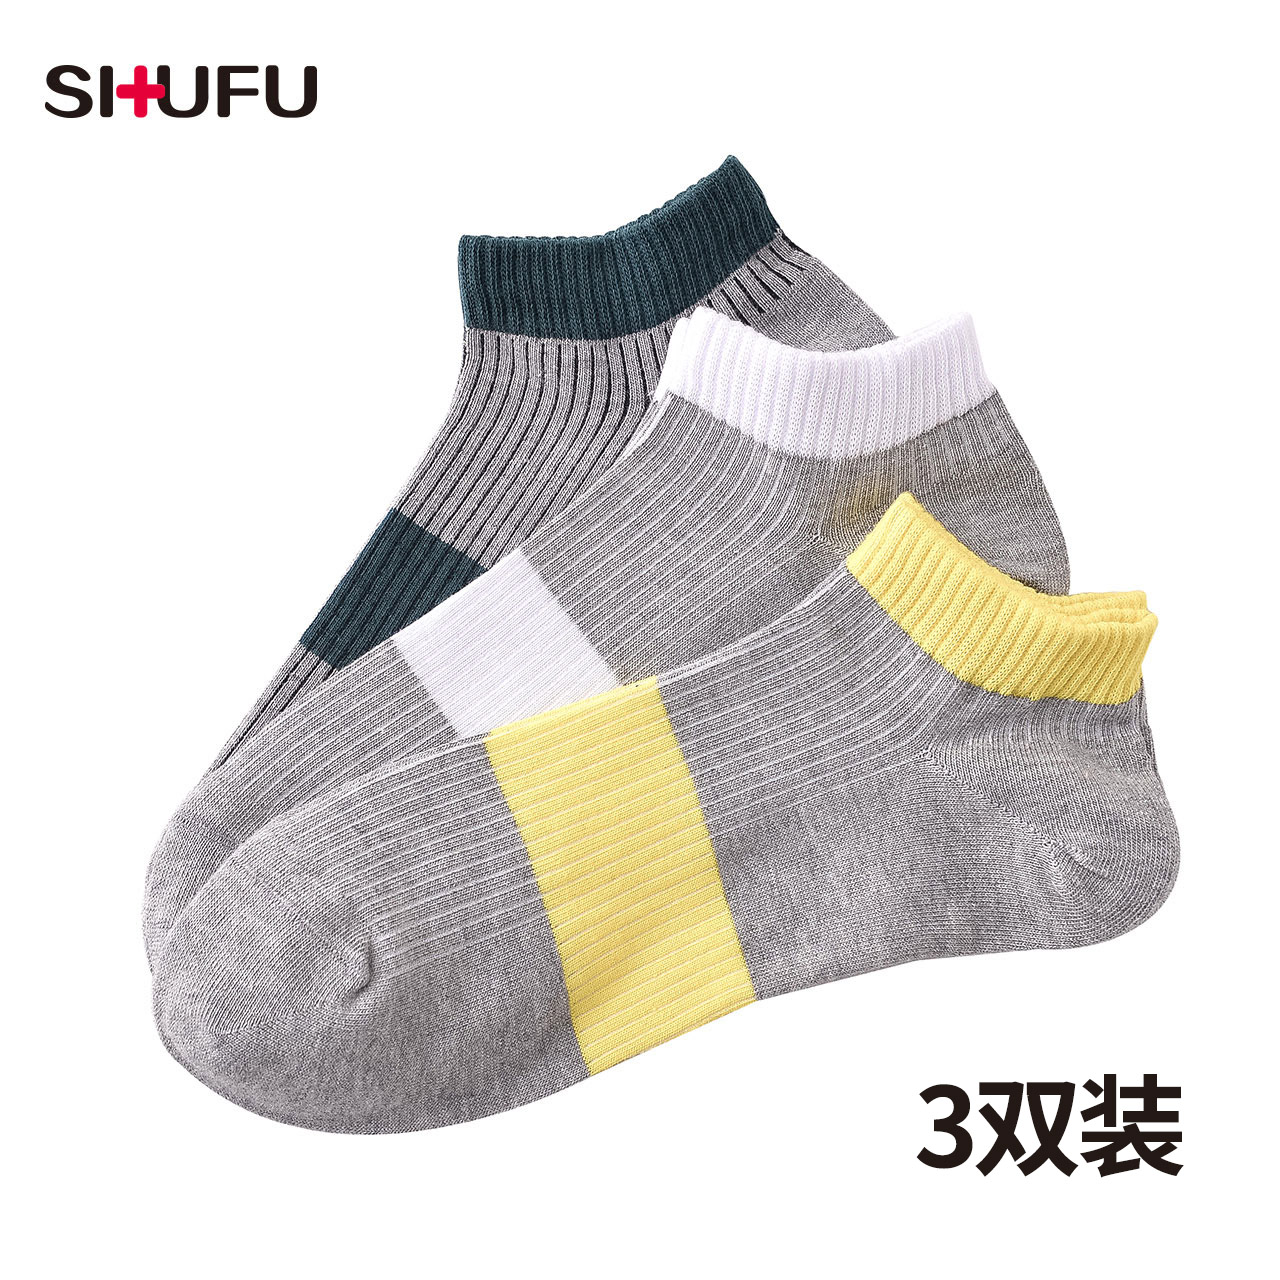 运动船袜3双白黄绿